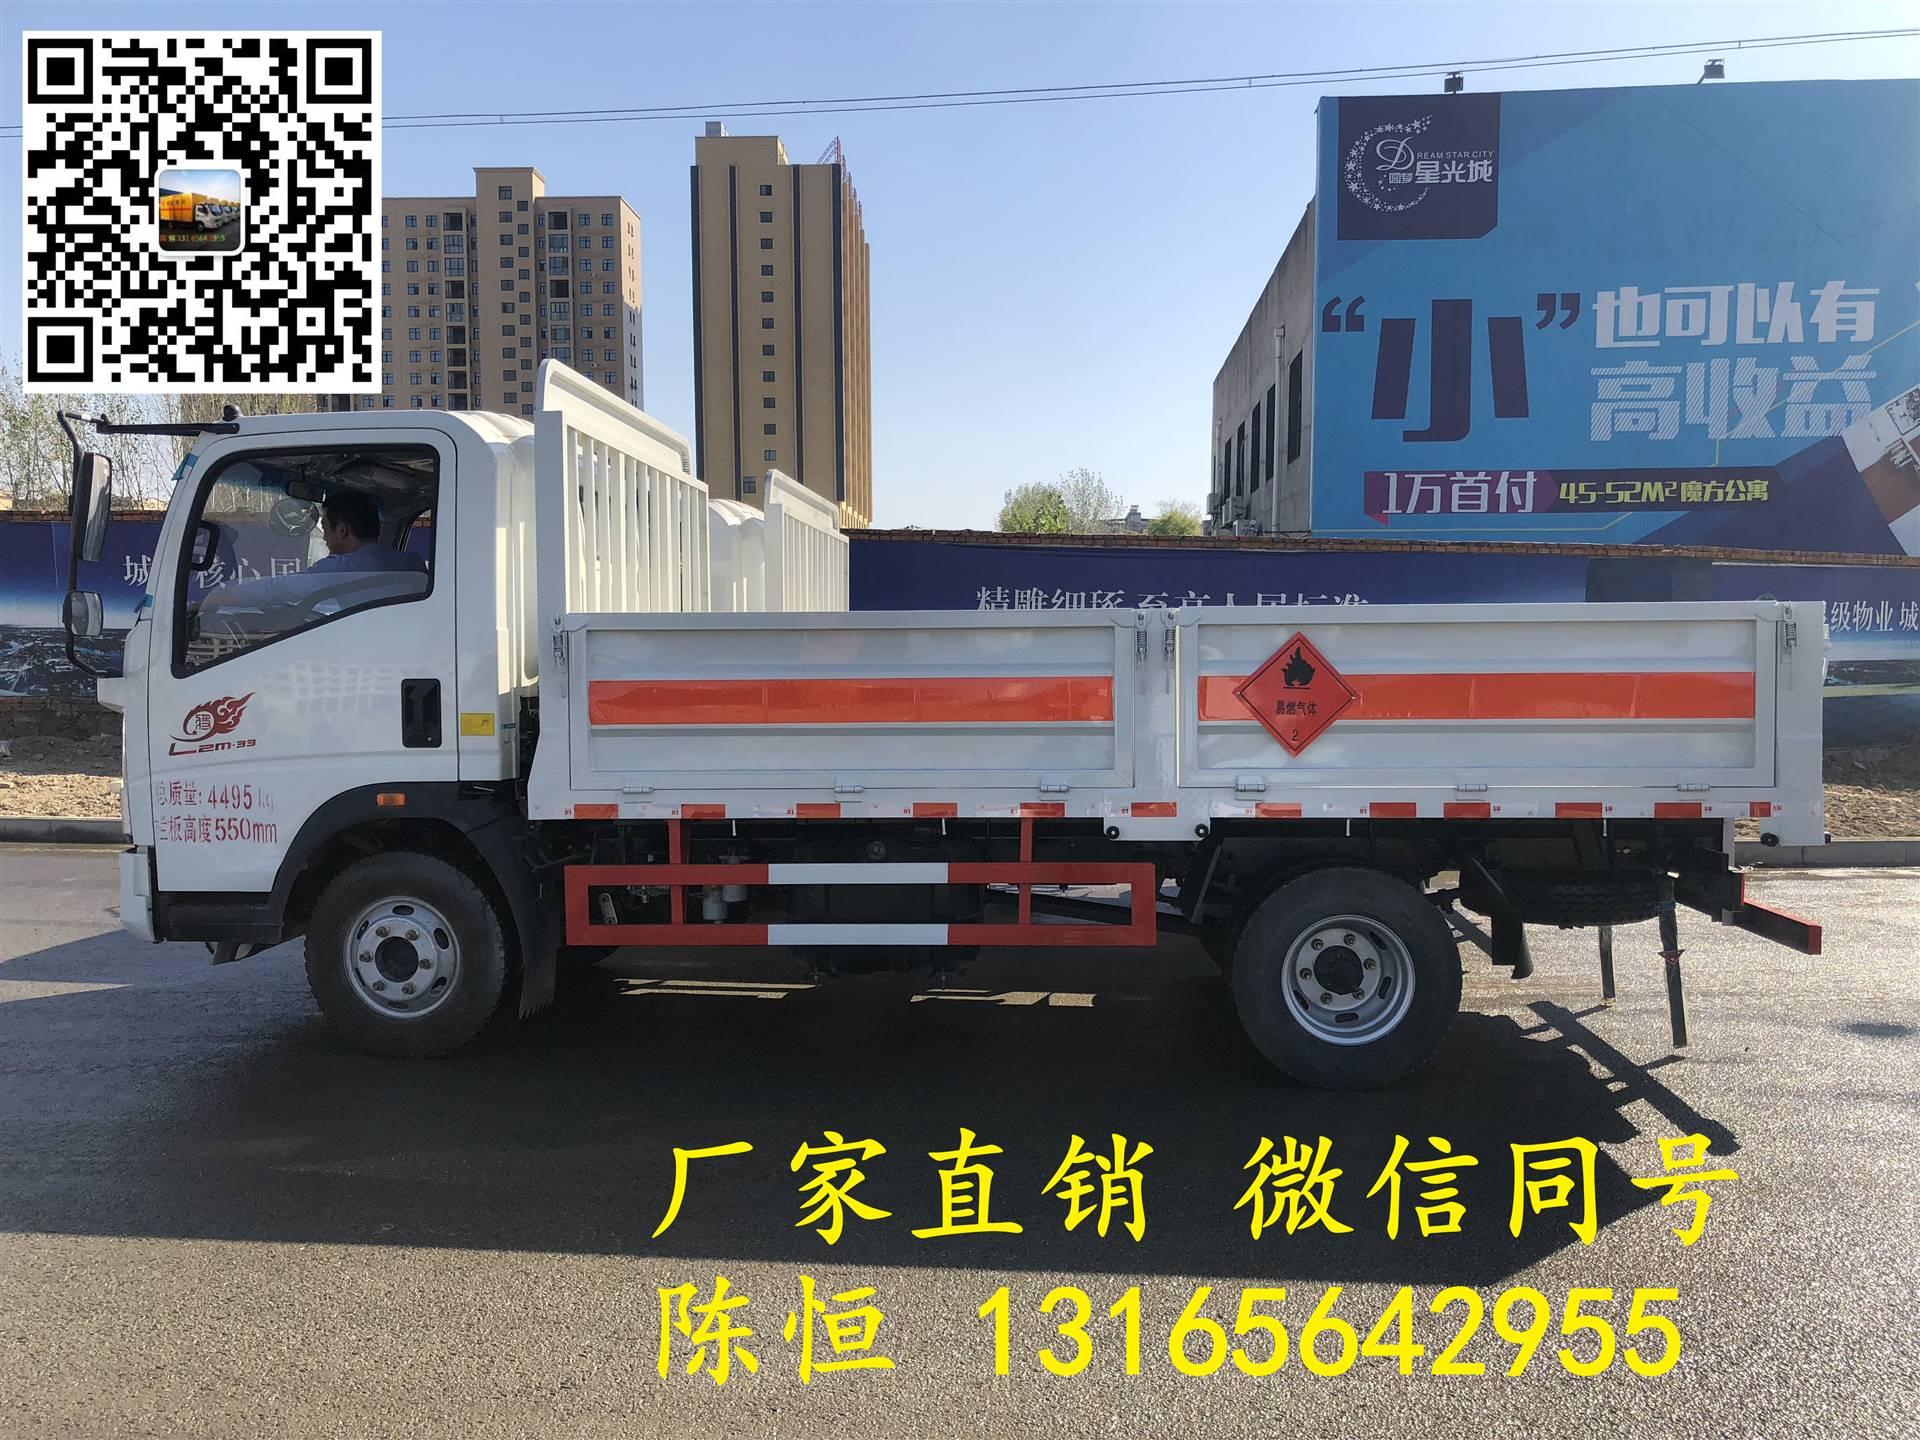 重汽豪沃工业气瓶运输车-货到付款或可分期买车